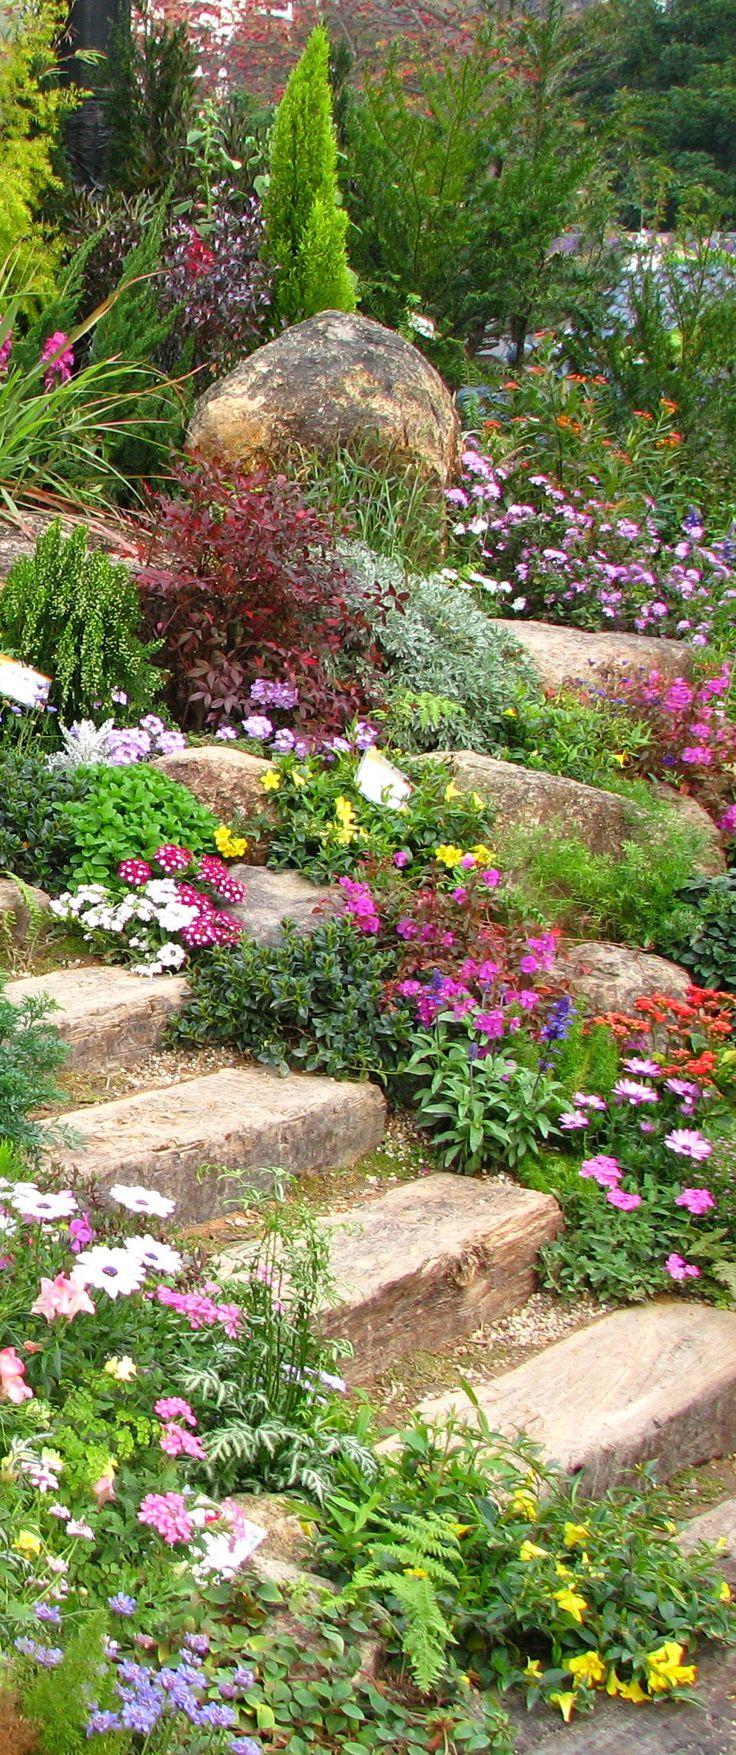 rock garden                                                                                                                                                     More